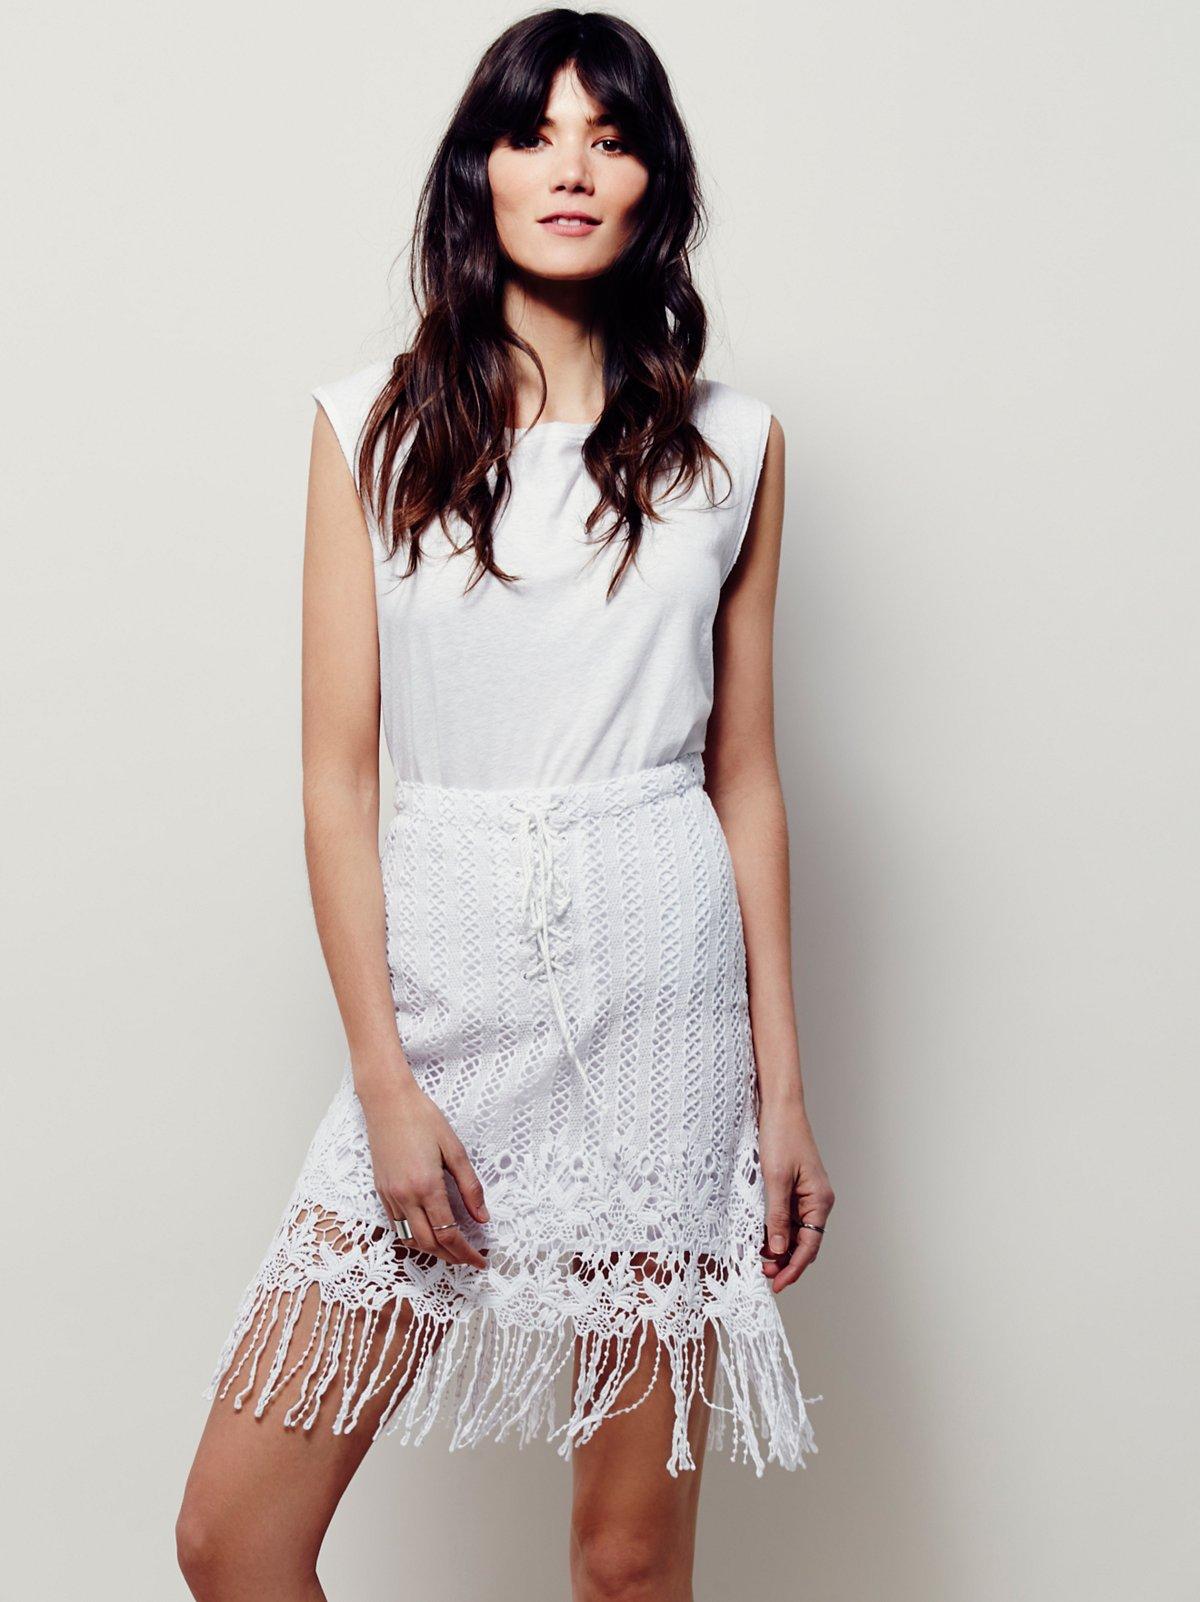 Cool Girl蕾丝半身裙